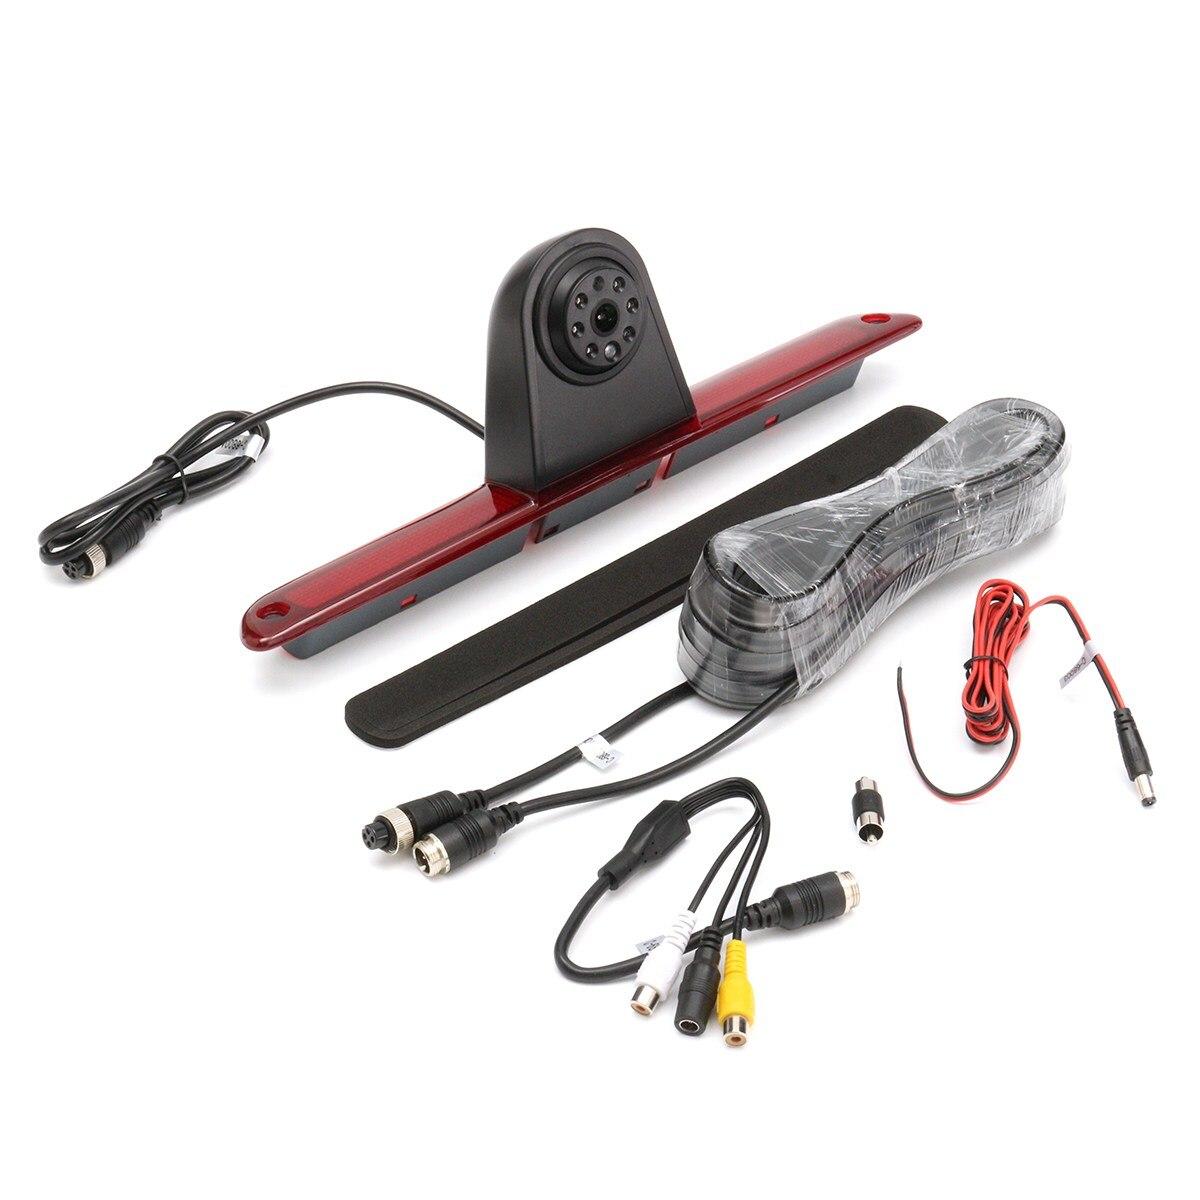 Voiture CCD de Recul caméra arrière feu de stop led Pour Mercedes/Sprinter/VW/Crafter